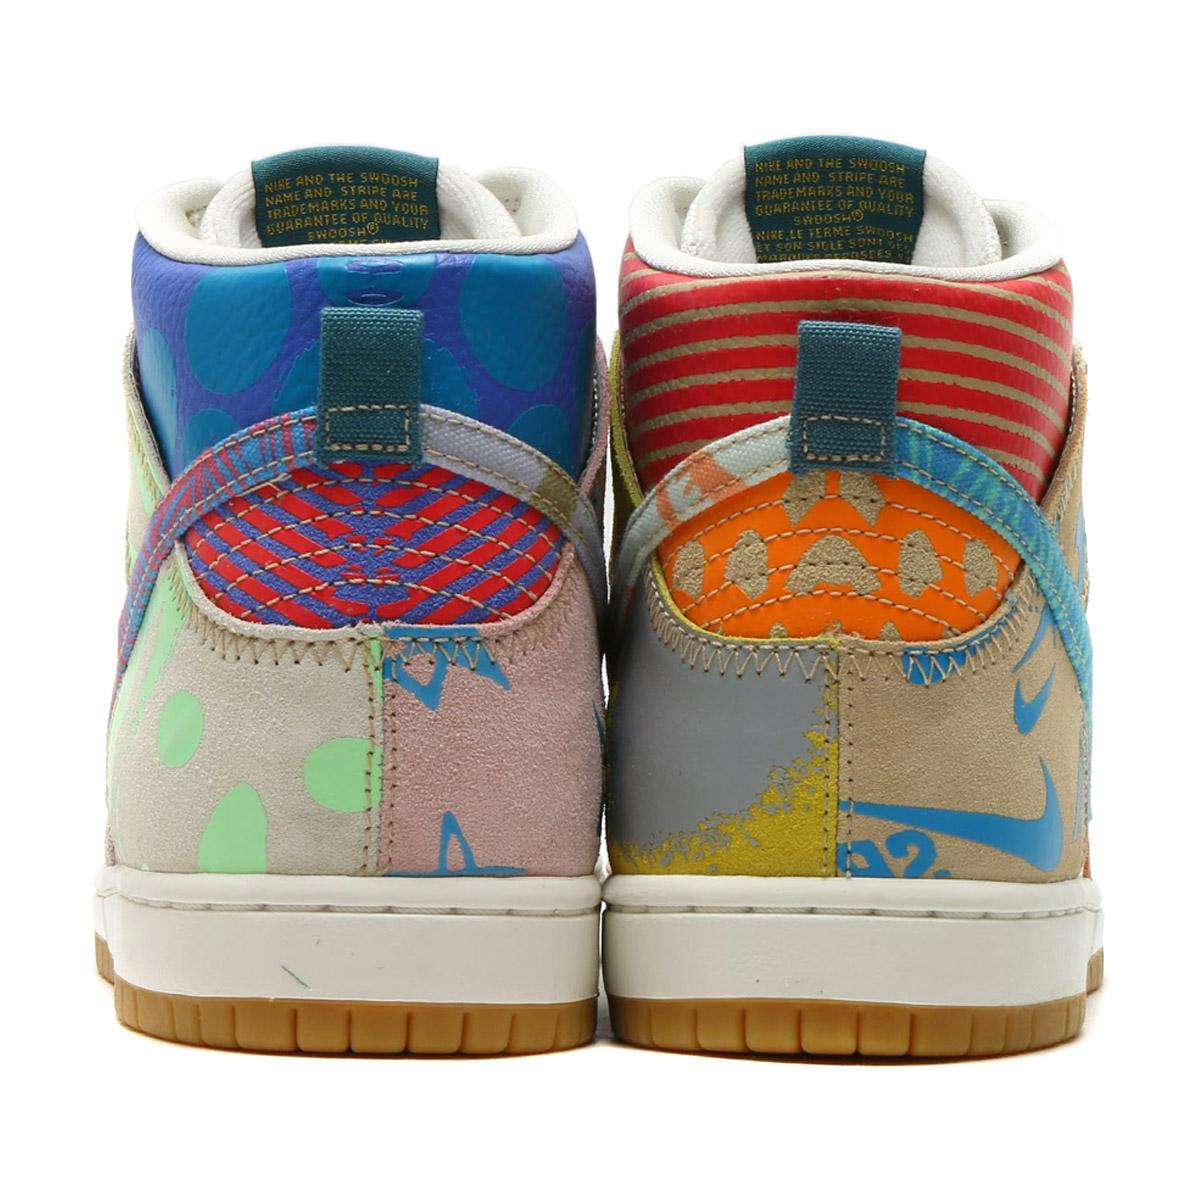 buy online 84a39 fe4af NIKE SB ZOOM DUNK HIGH PREM (Nike Nike SB zoom dunk high premium) (ICED JADE  CIRCUIT ORANGE-SAIL) 17FA-S